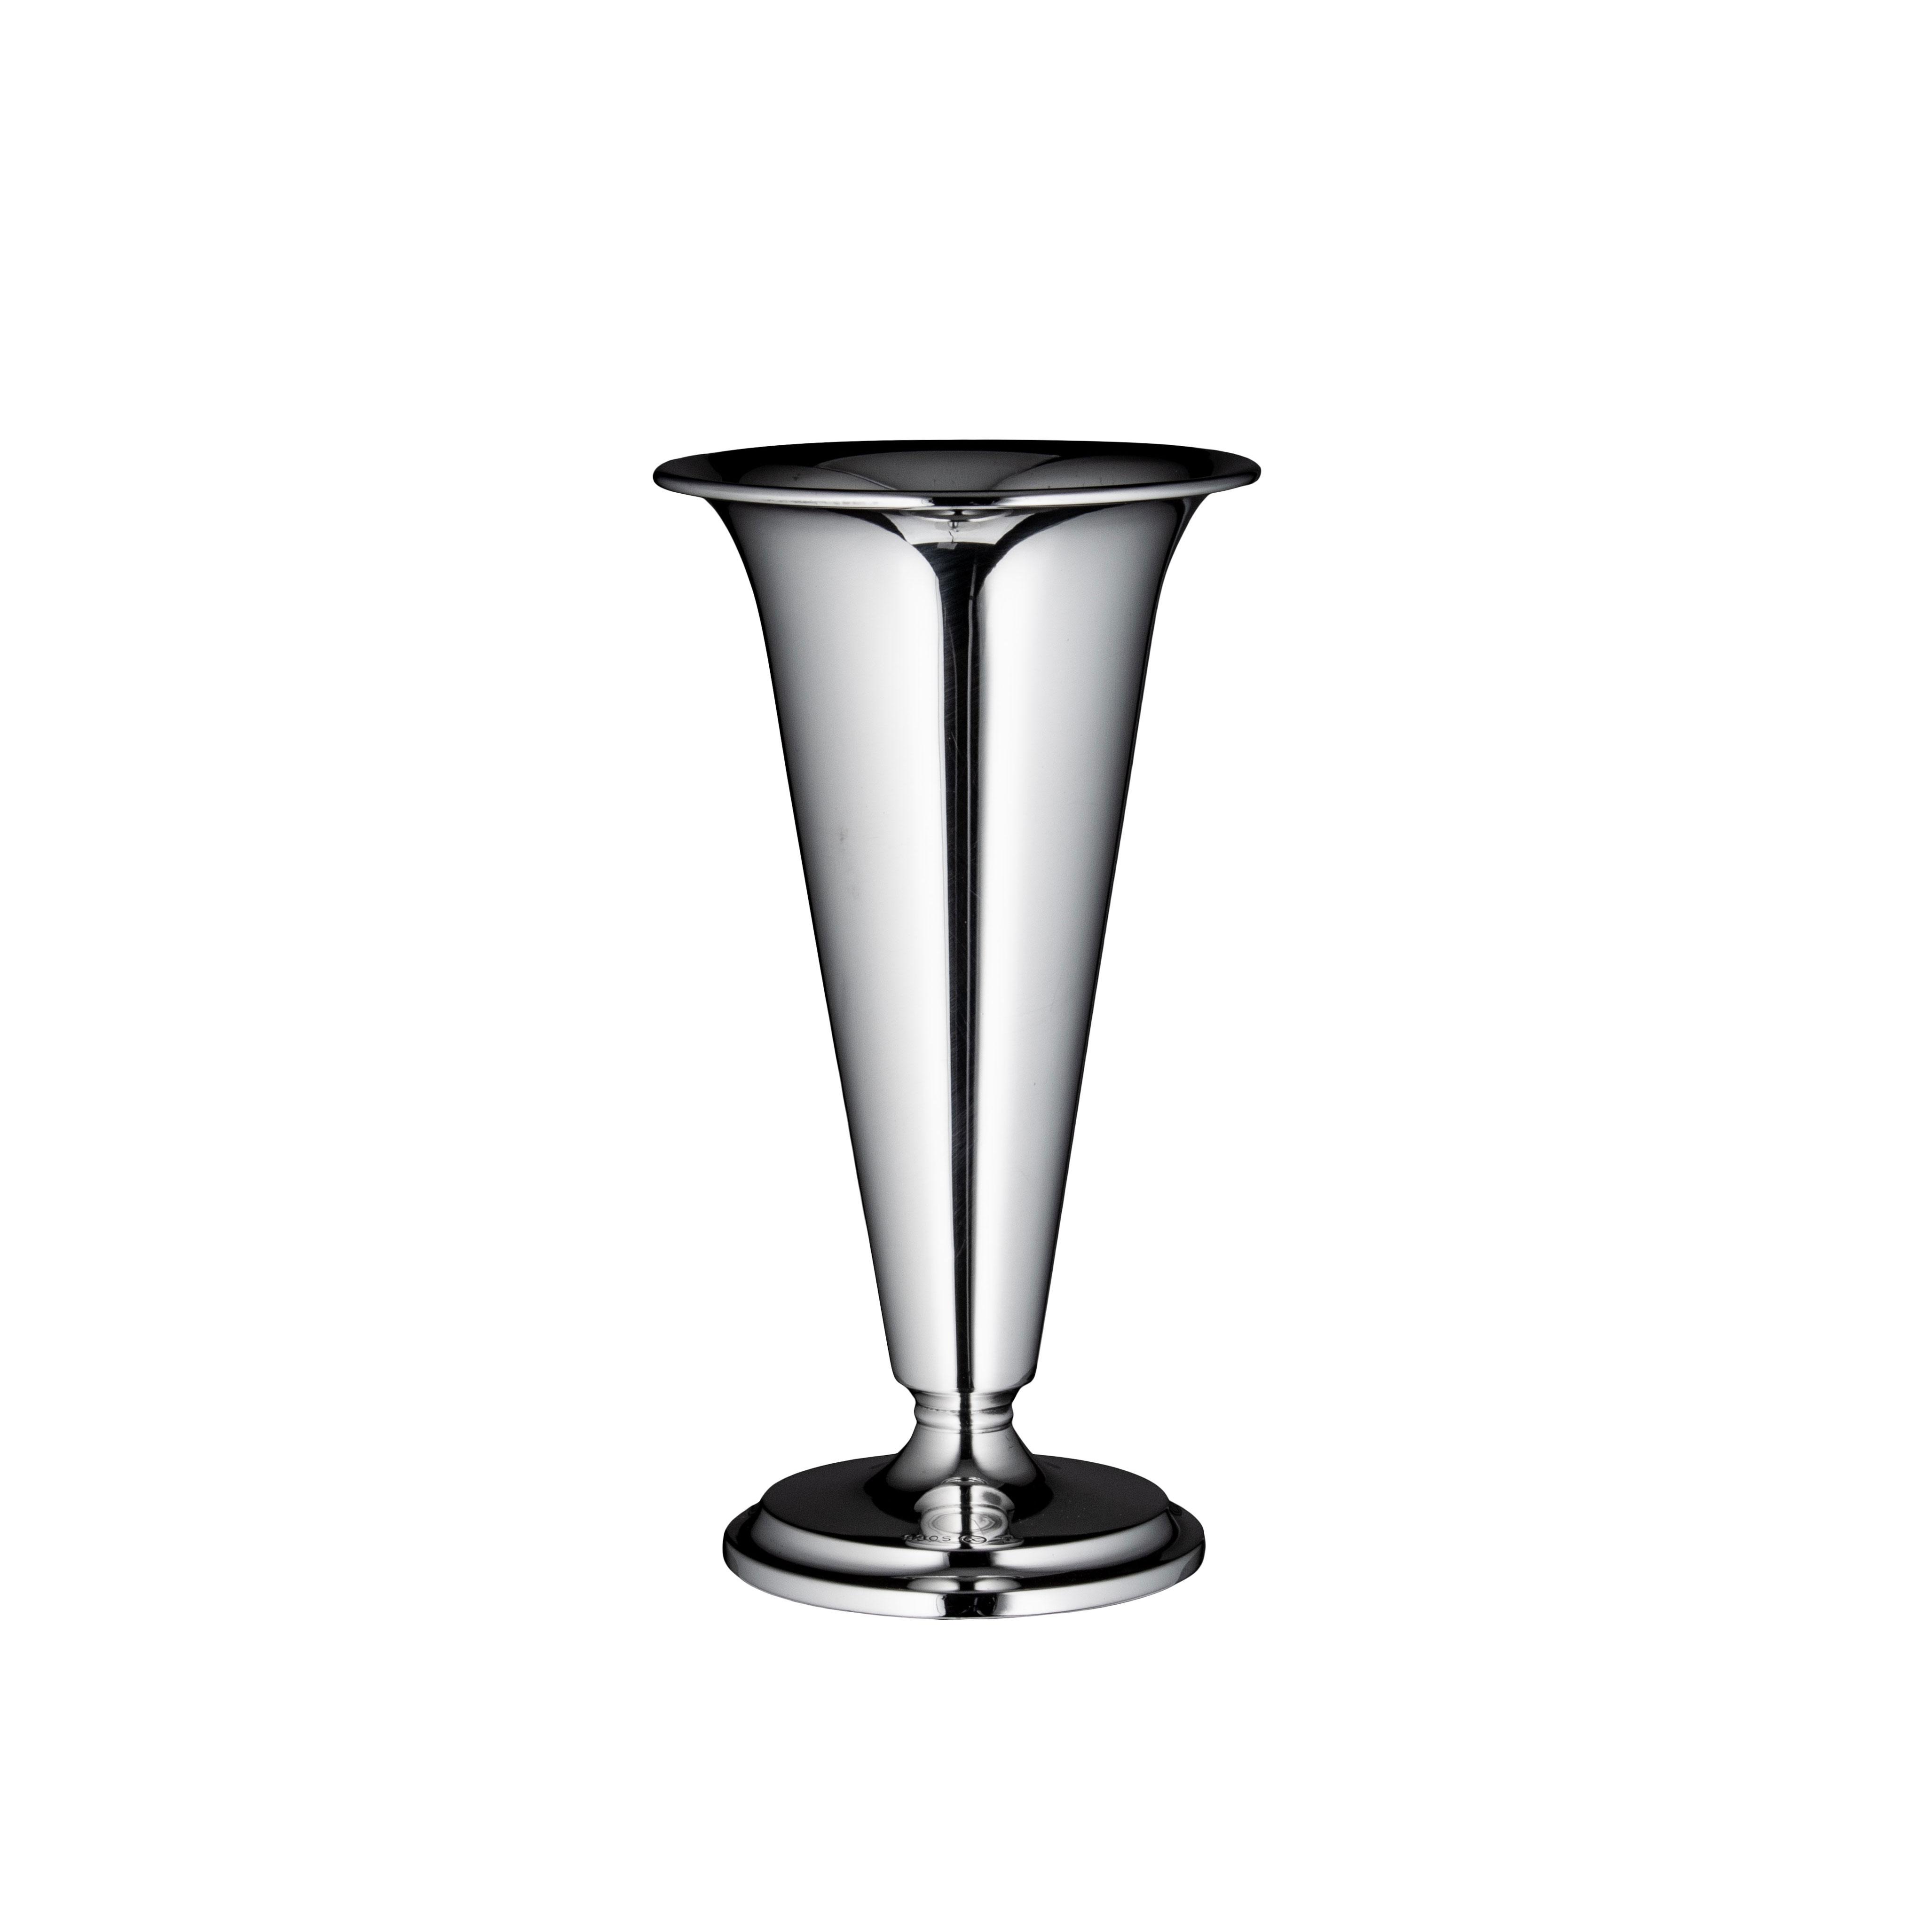 Th. Marthinsen vase / pokal